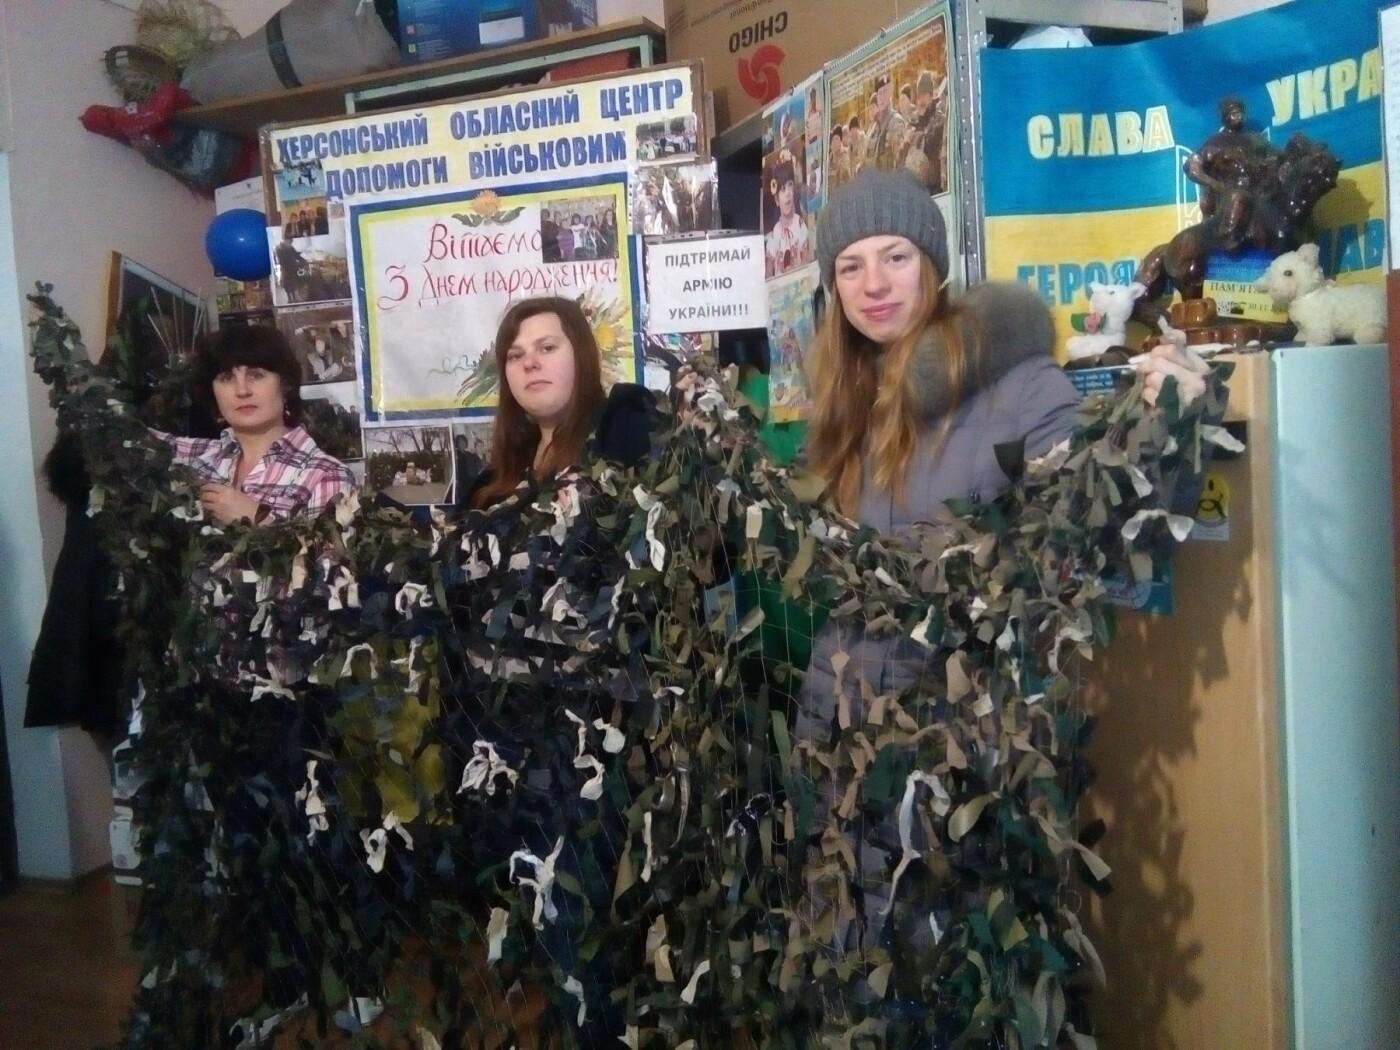 Херсонские волонтеры обращаются за помощью, фото-1